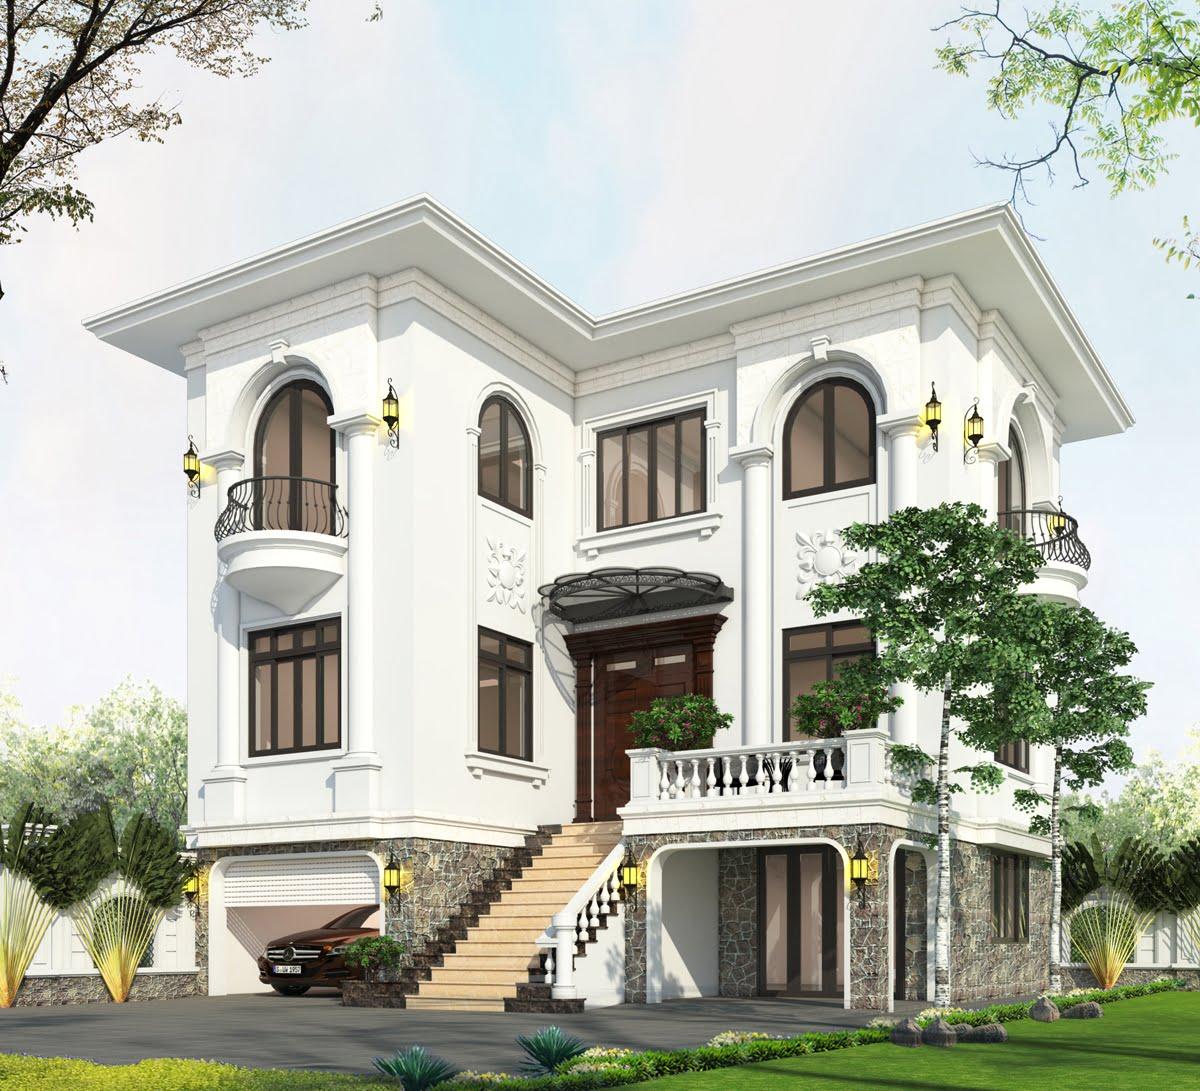 biệt thự 3 tầng 9x12 phong cách tân cổ điển 2